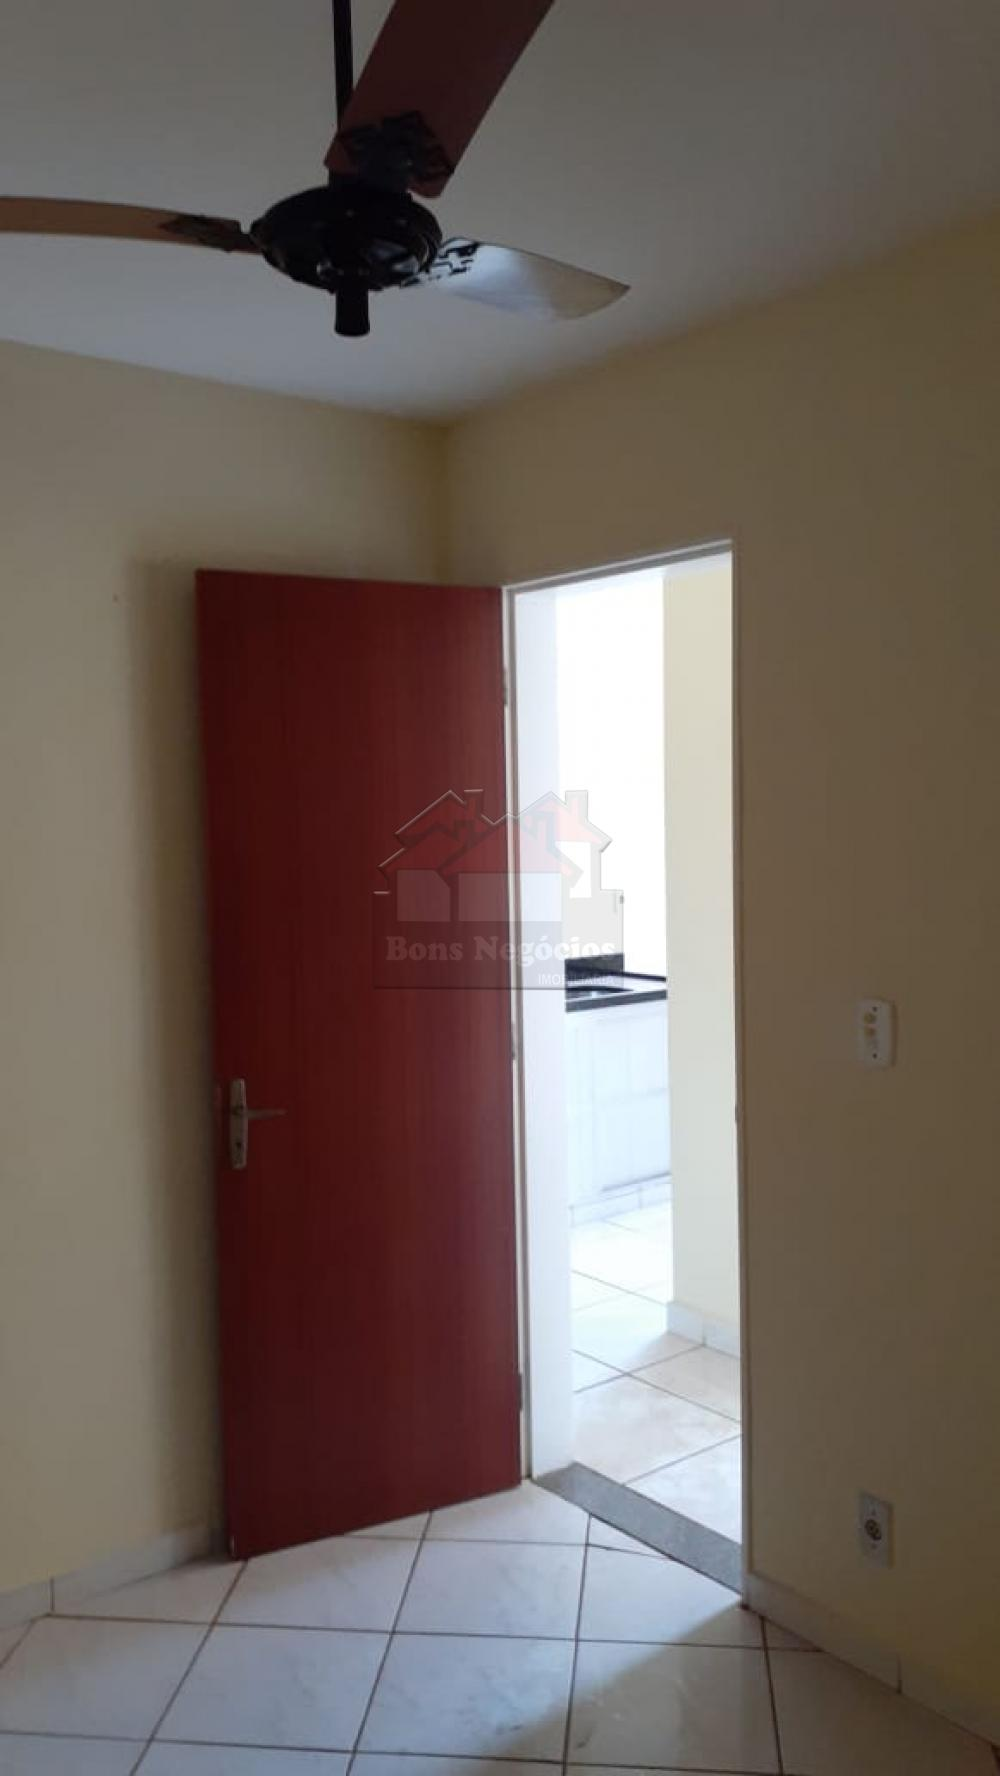 Alugar Apartamento / Padrão em Ribeirão Preto apenas R$ 550,00 - Foto 3